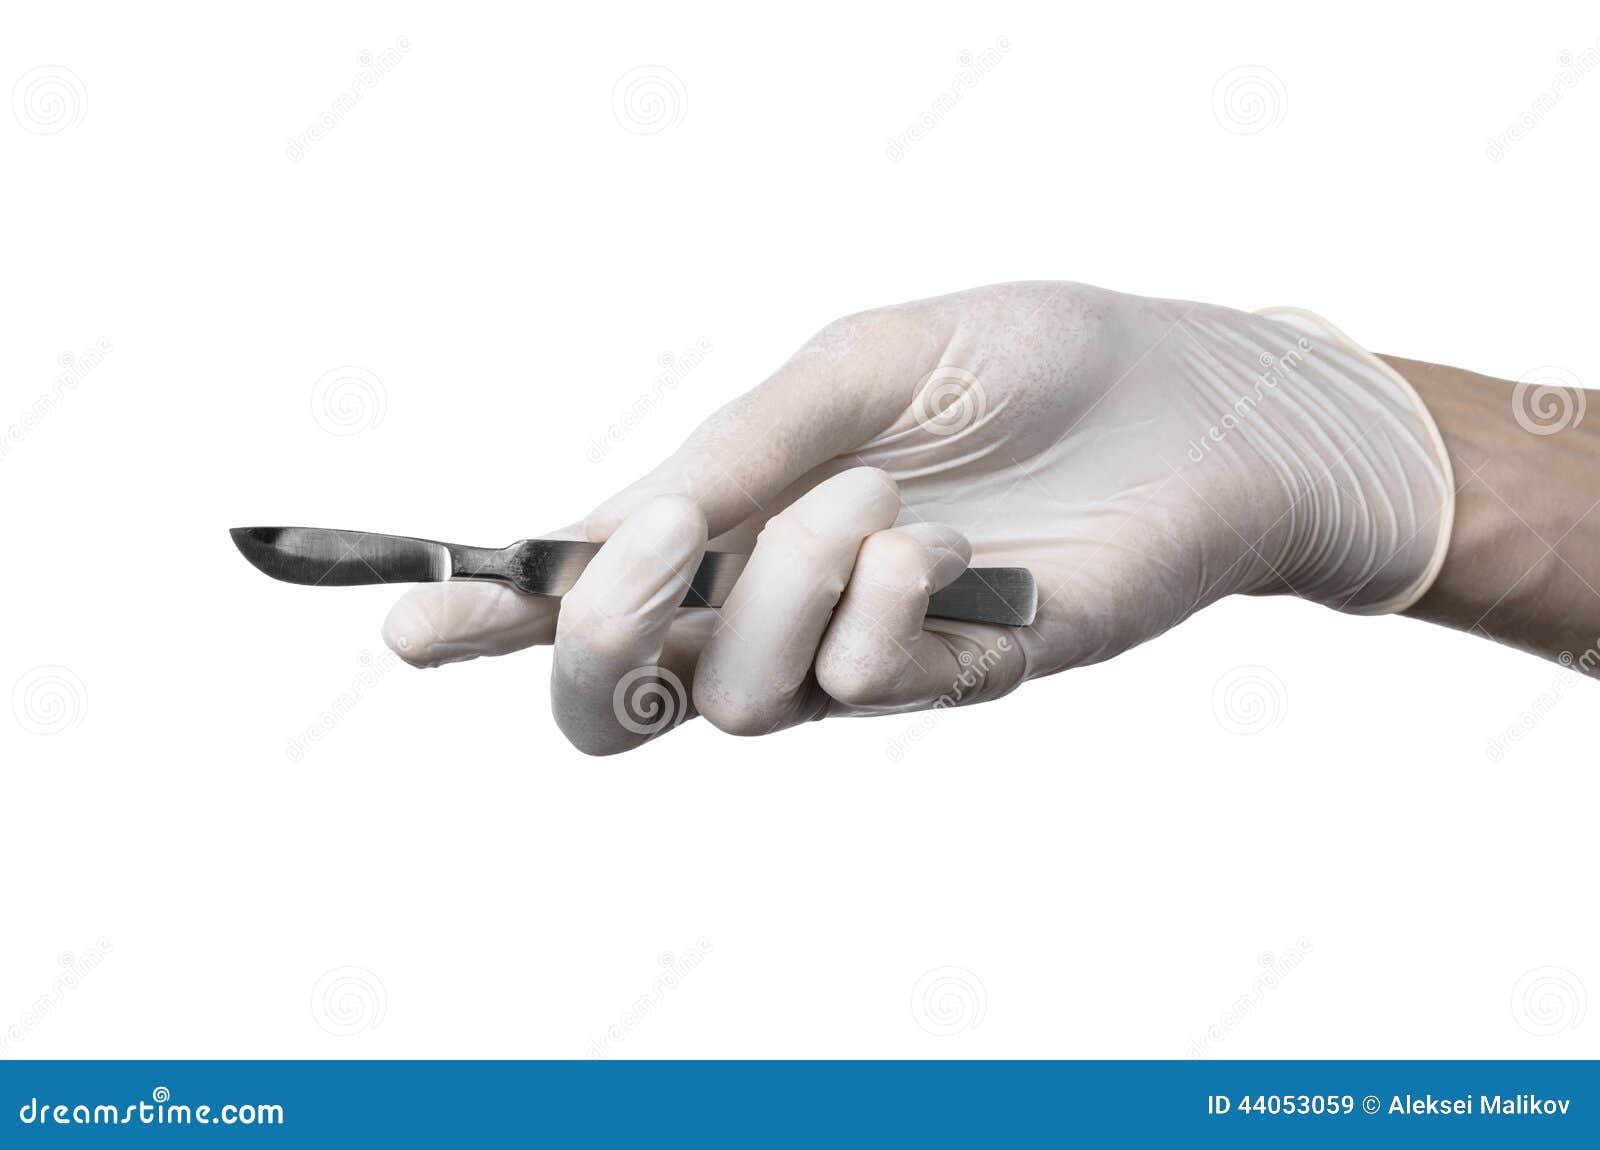 Скальпель я сжимаю в своей руке